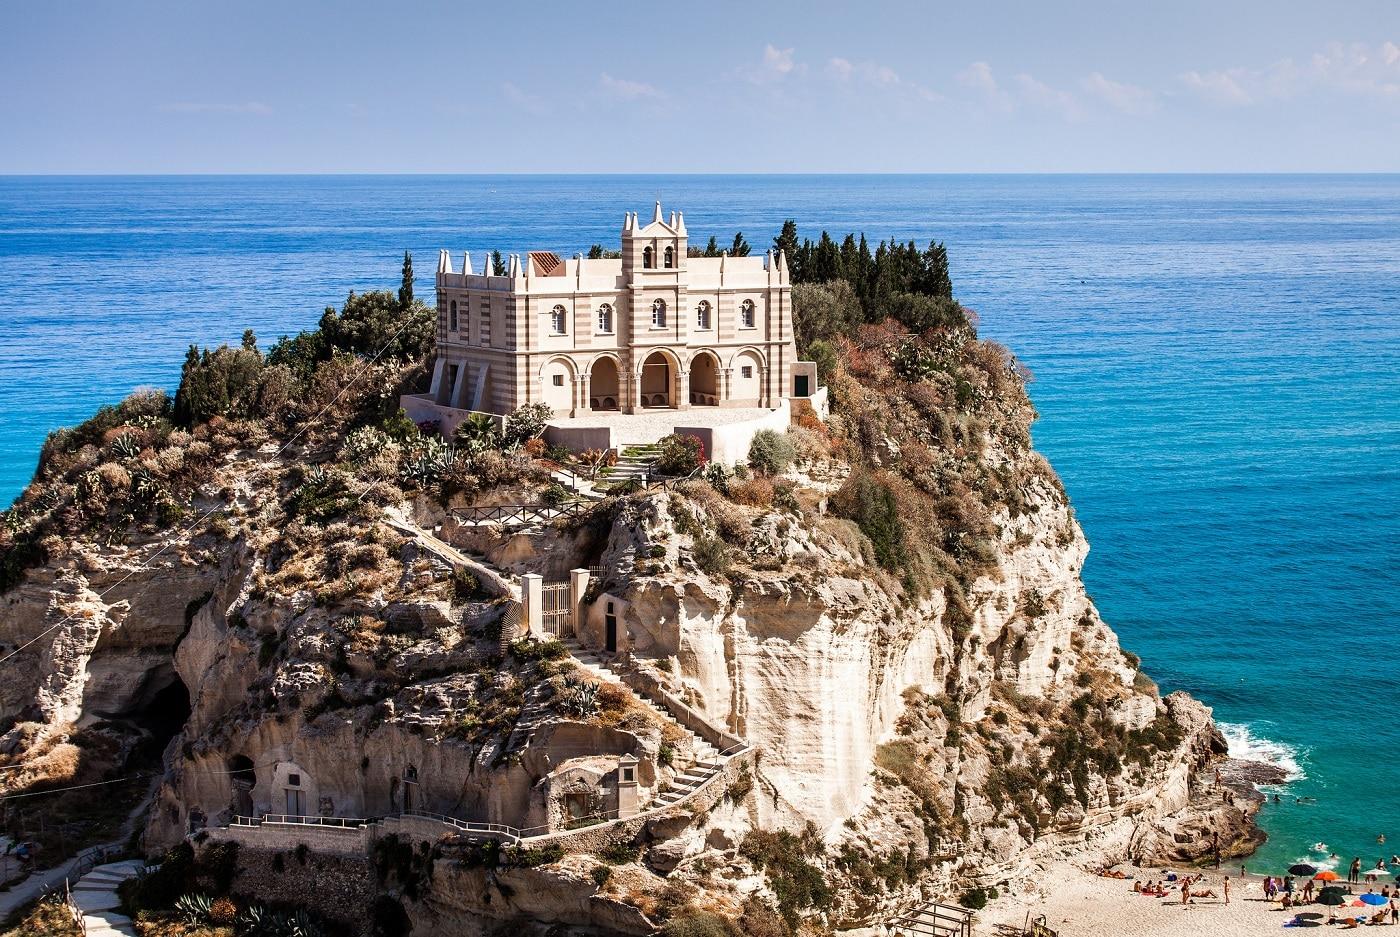 Vizitatorii urcă pe treptele abrupte pentru a ajunge la mănăstire